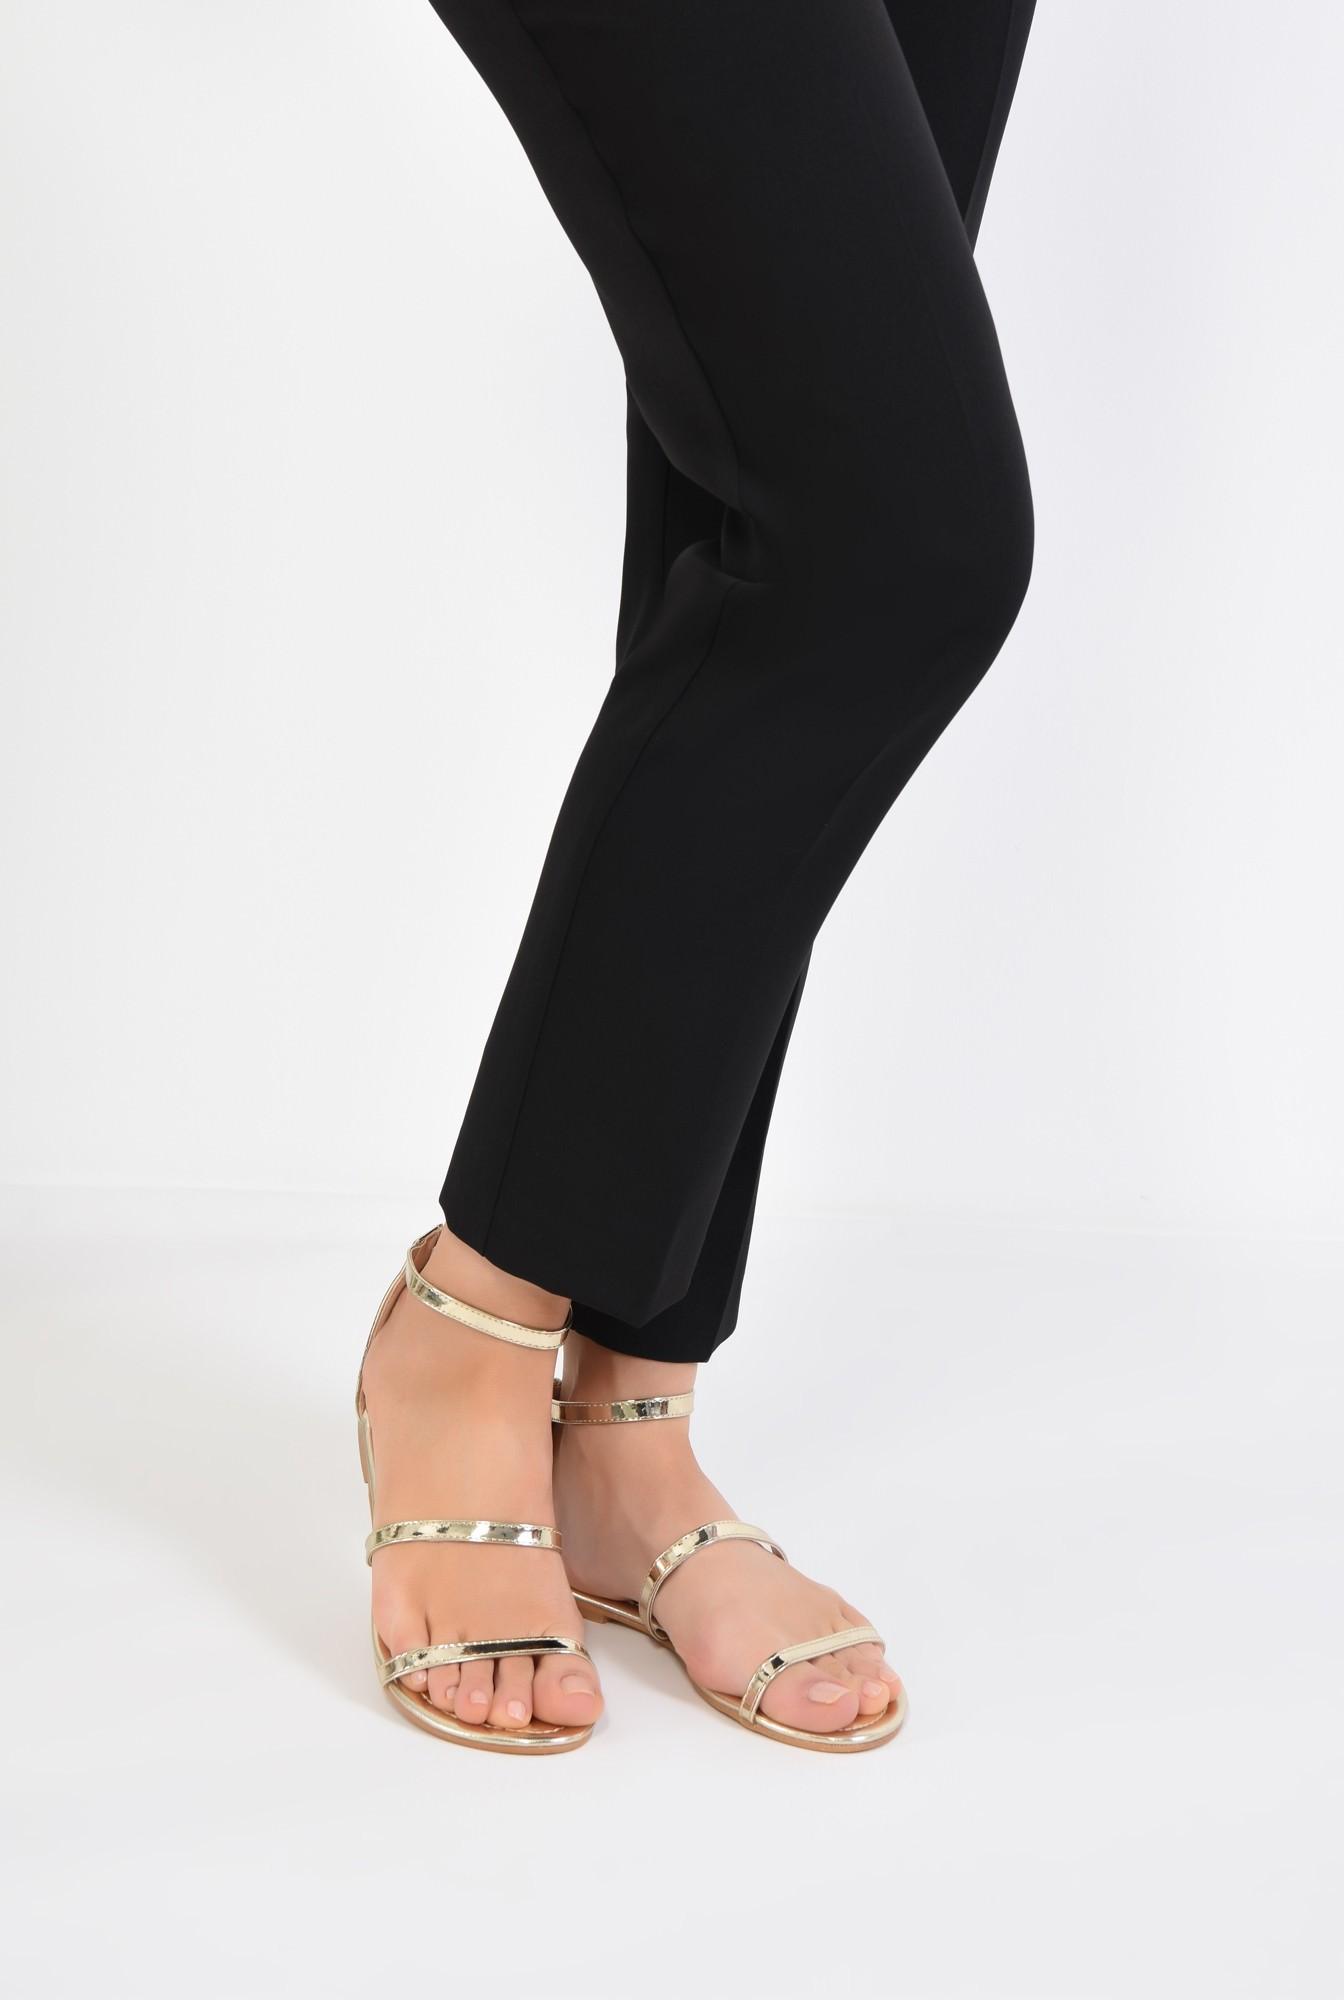 4 - sandale casual, aurii, cu barete subtiri